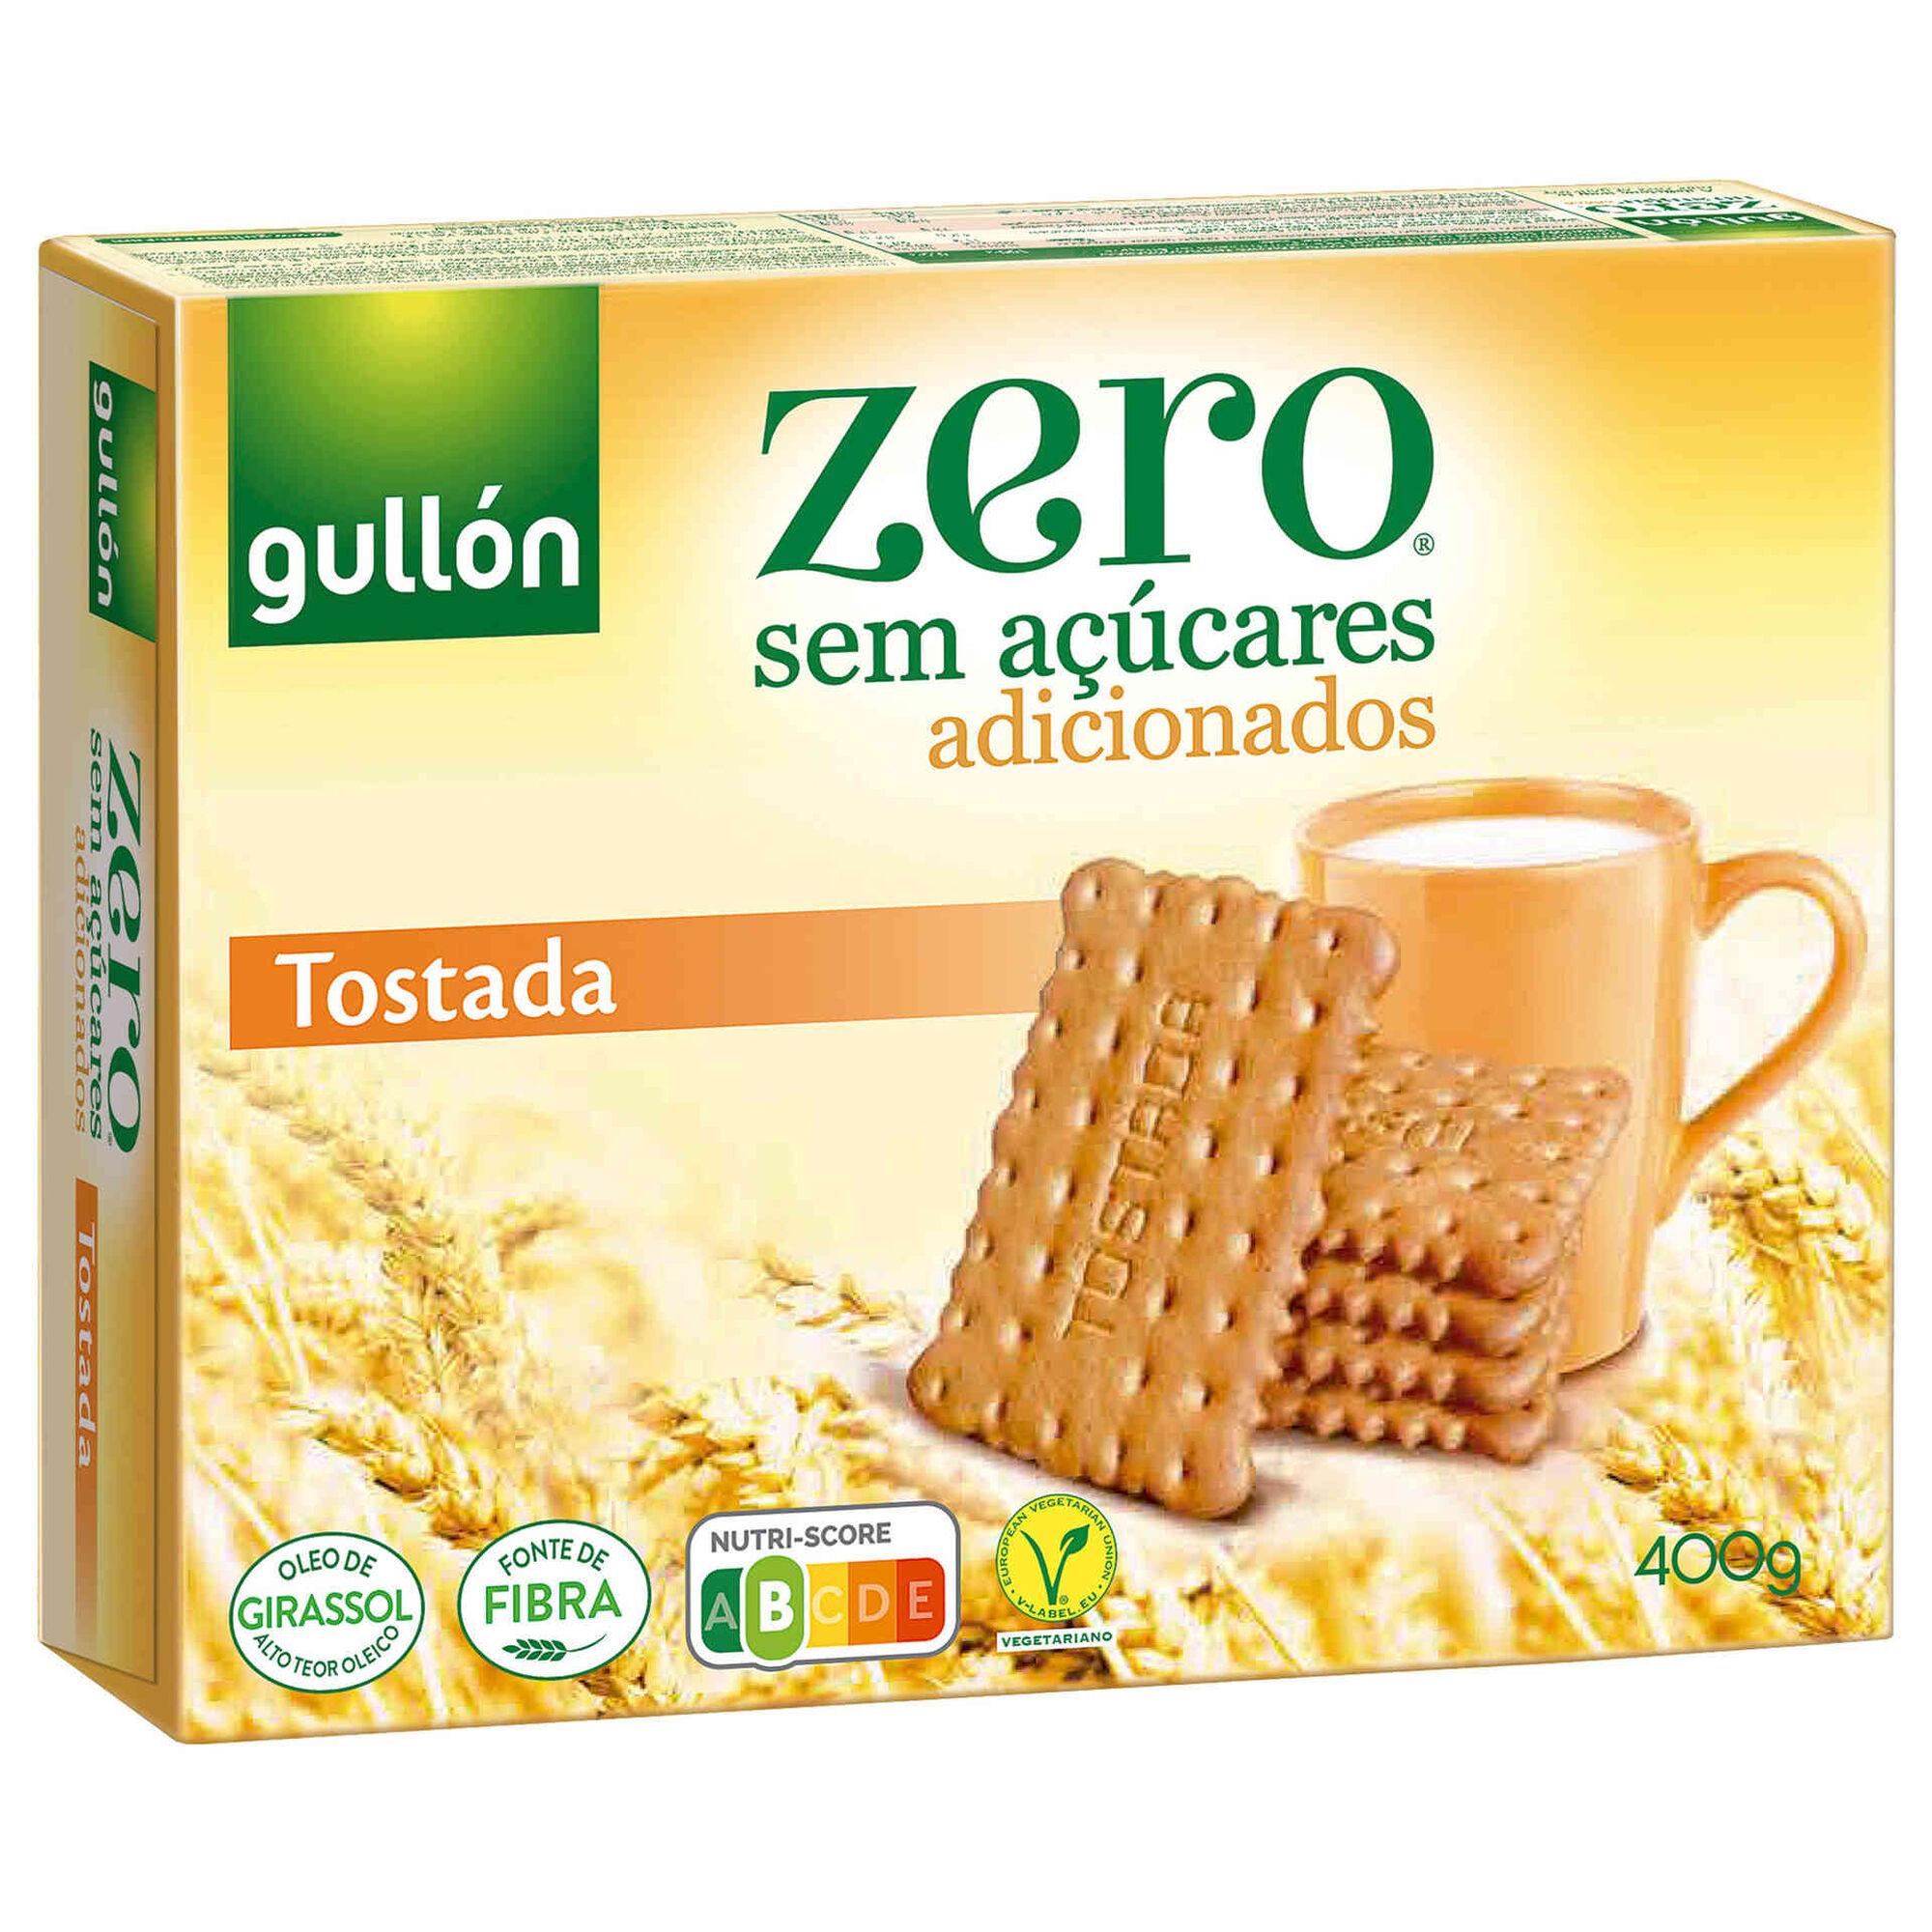 Bolachas Tostadas Diet Nature, , hi-res